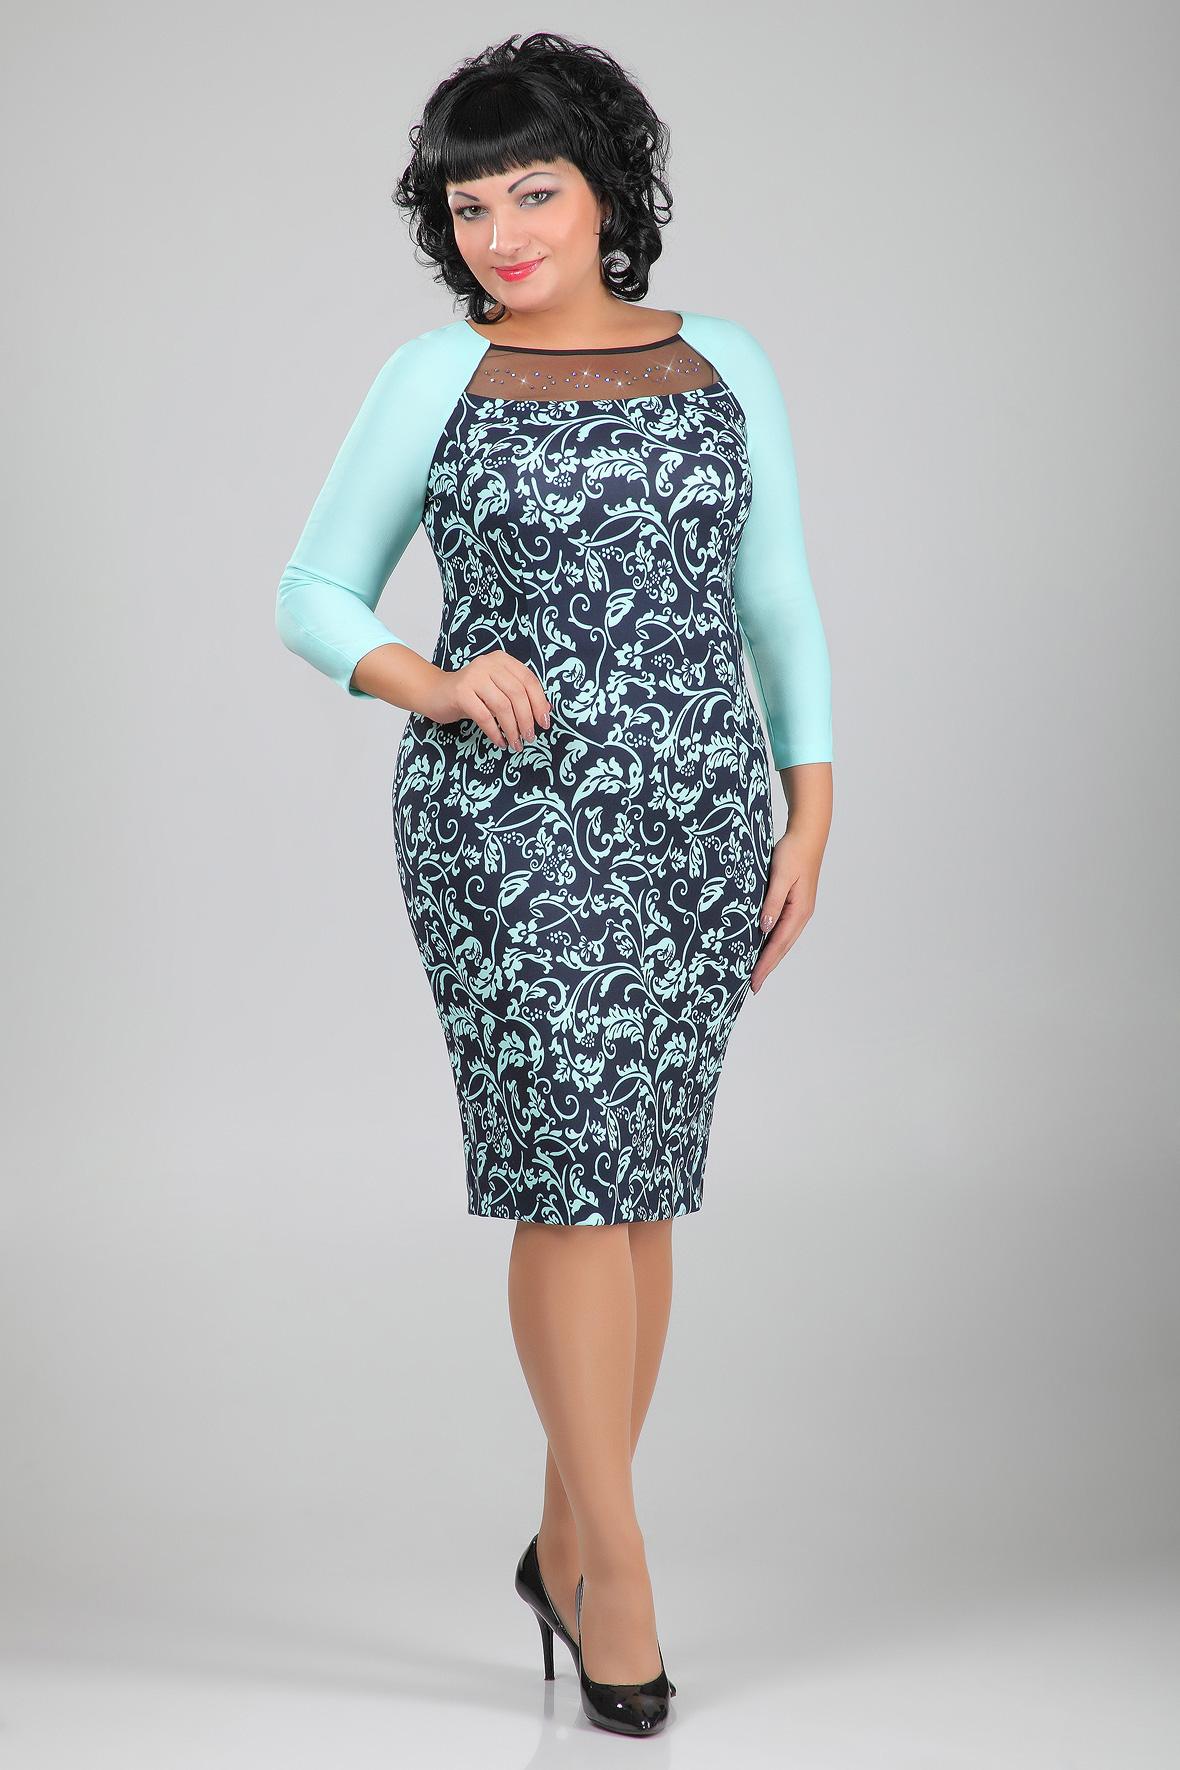 Женская одежда больших размеров. Большой выбор блуз, туник, платьев, костюмов, юбок и брюк. Повседневные и праздничные модели. Много новых моделей! Без рядов! Выкуп 37